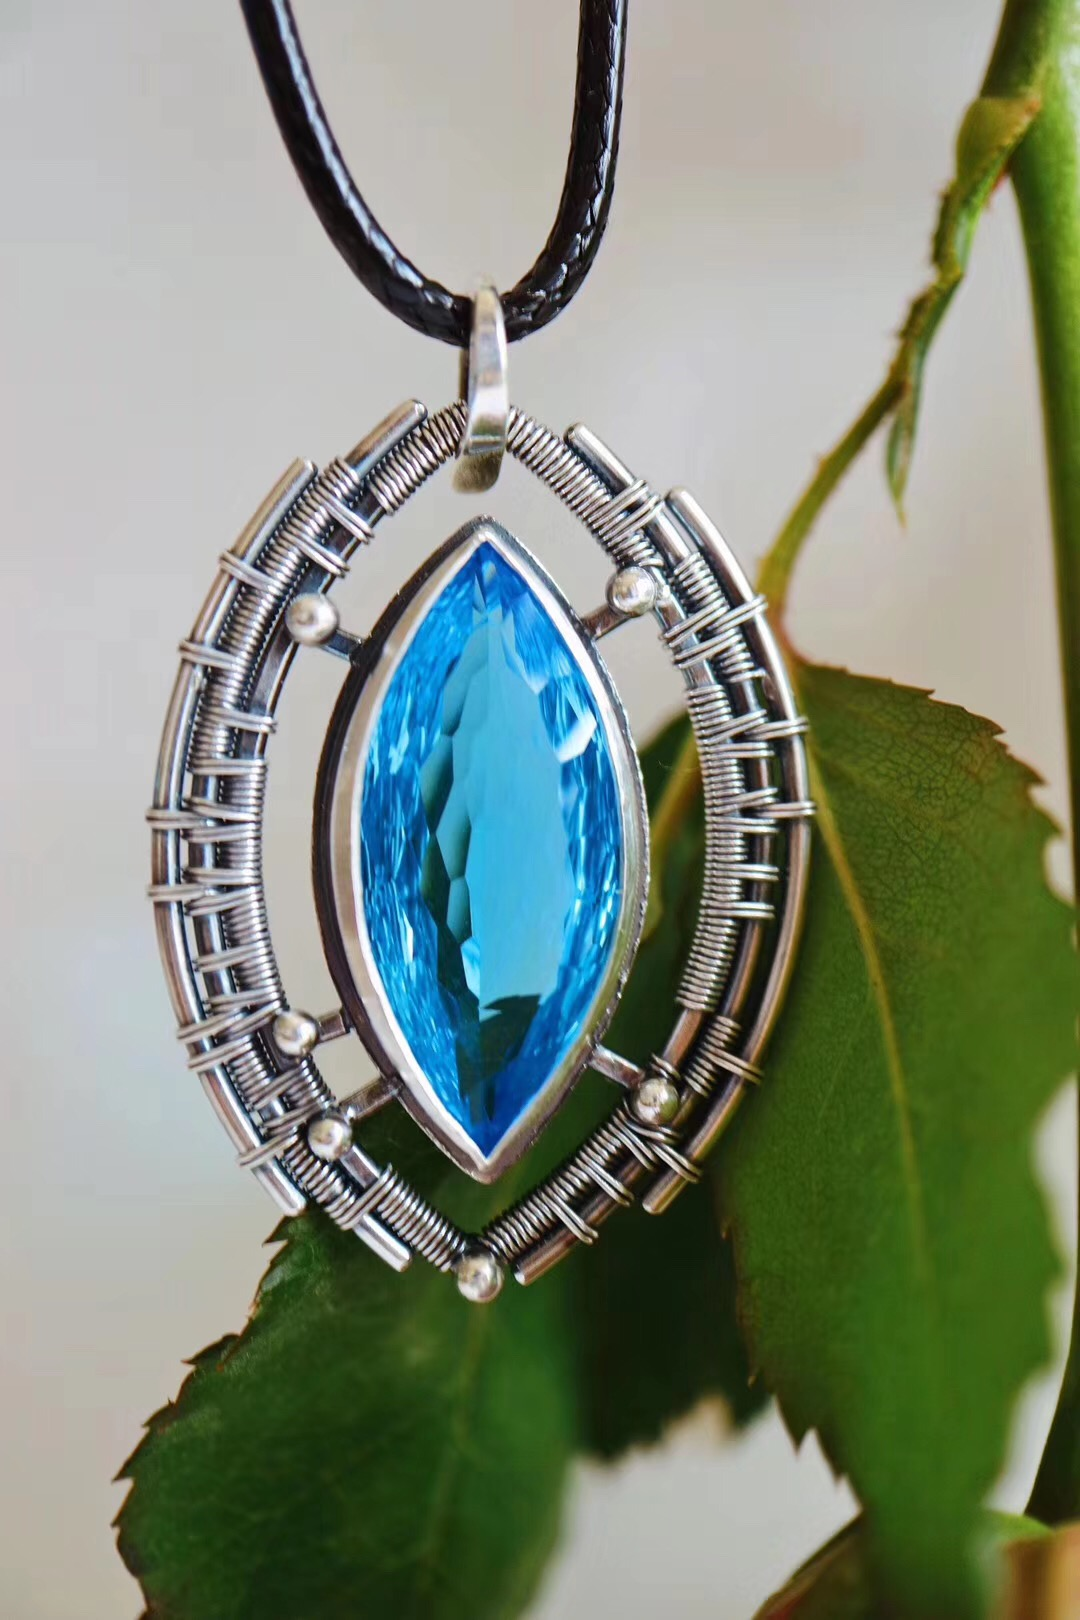 【菩心-托帕石】一枚透蓝的智慧之眼-托帕石坠-菩心晶舍